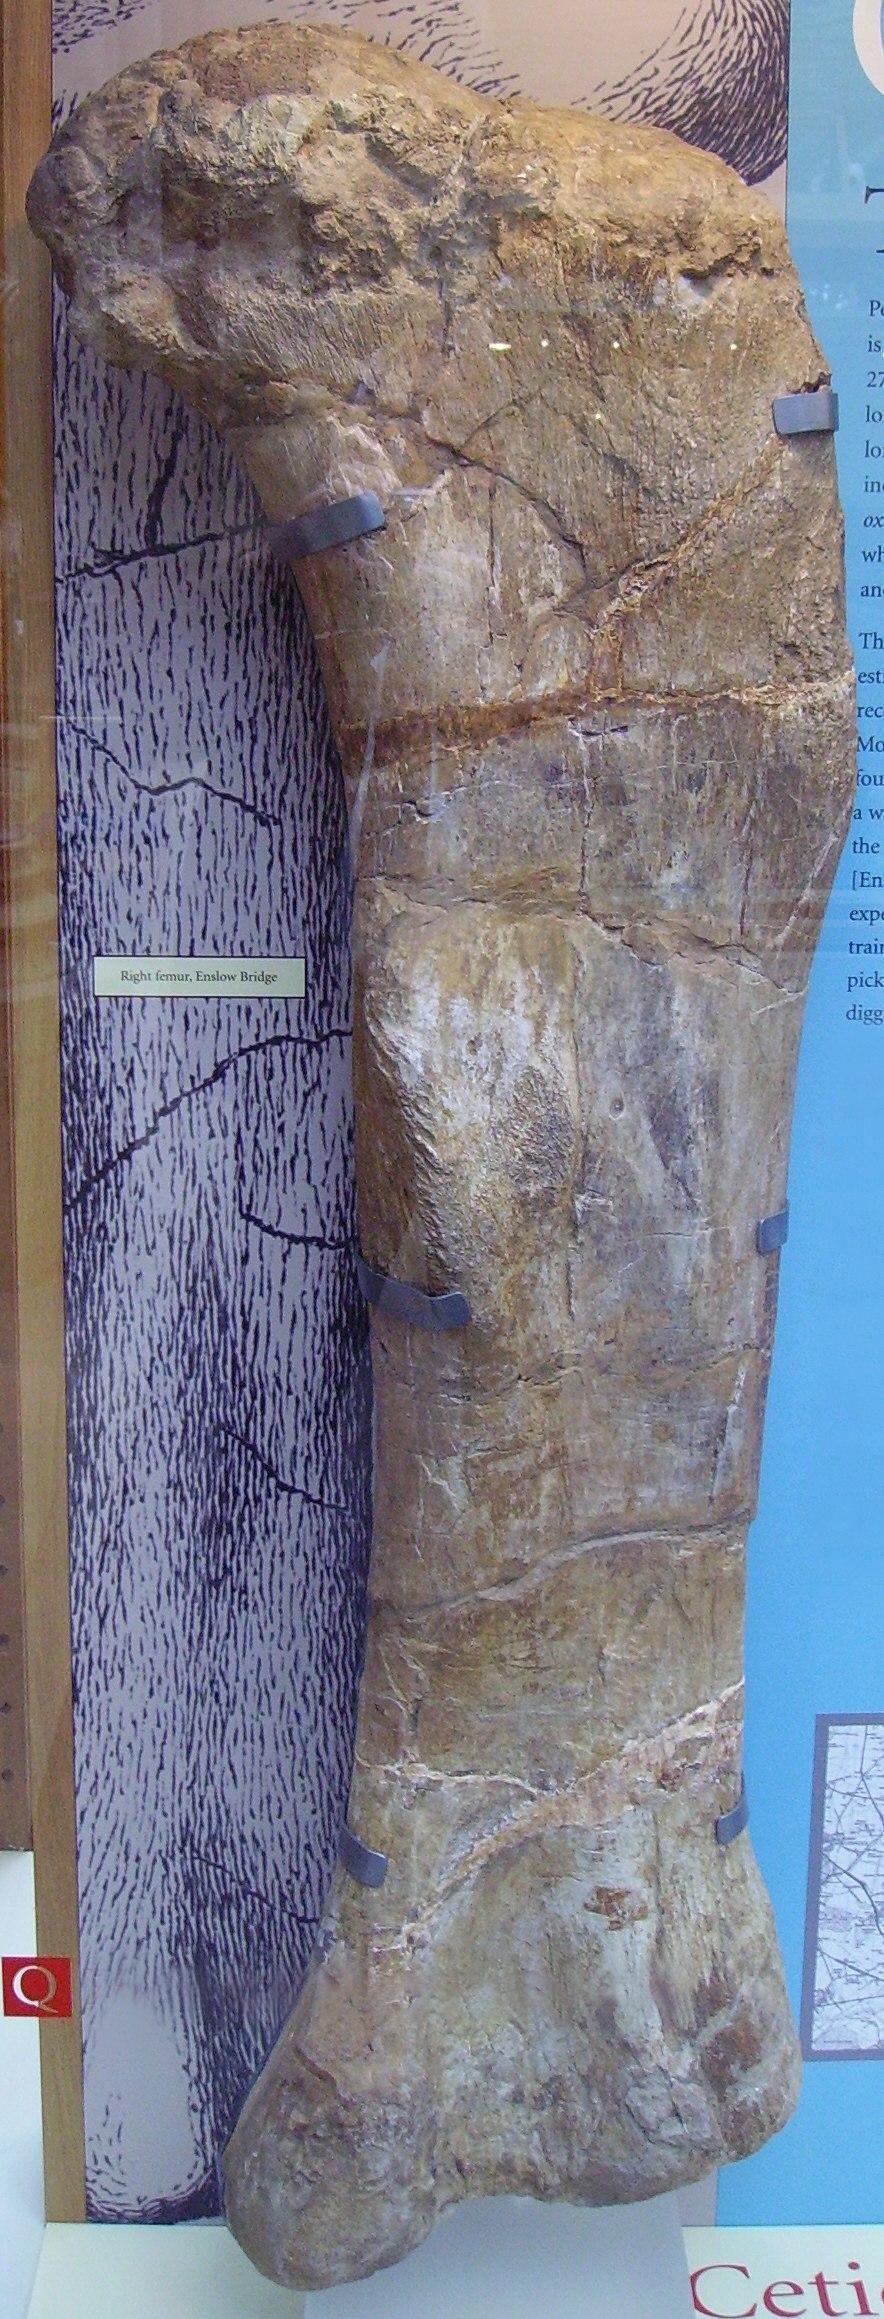 Cetiosaur right femur